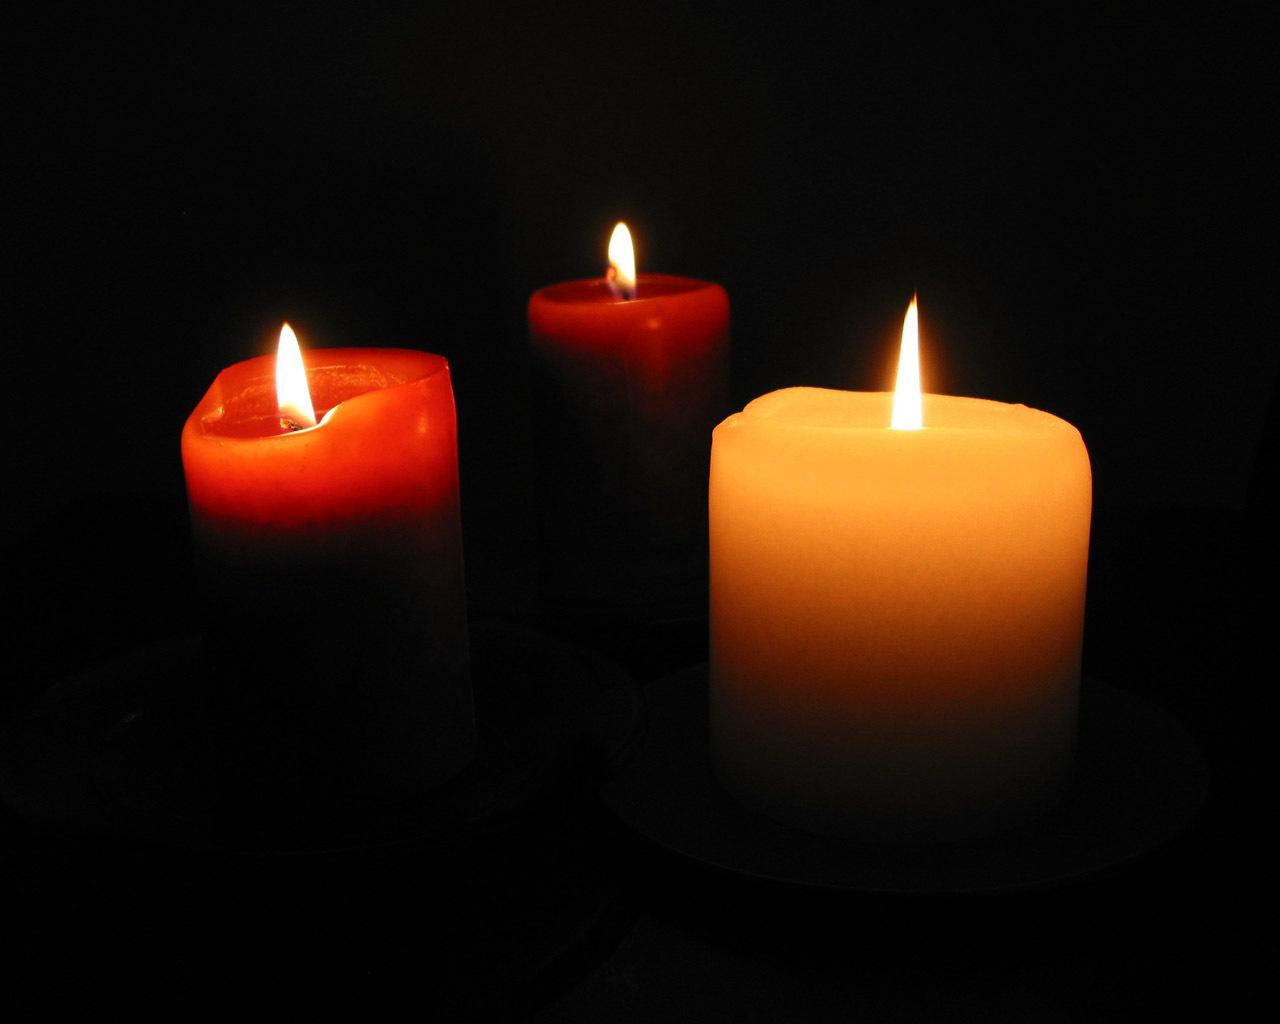 flickering firelight candles wallpaper 22611287 fanpop